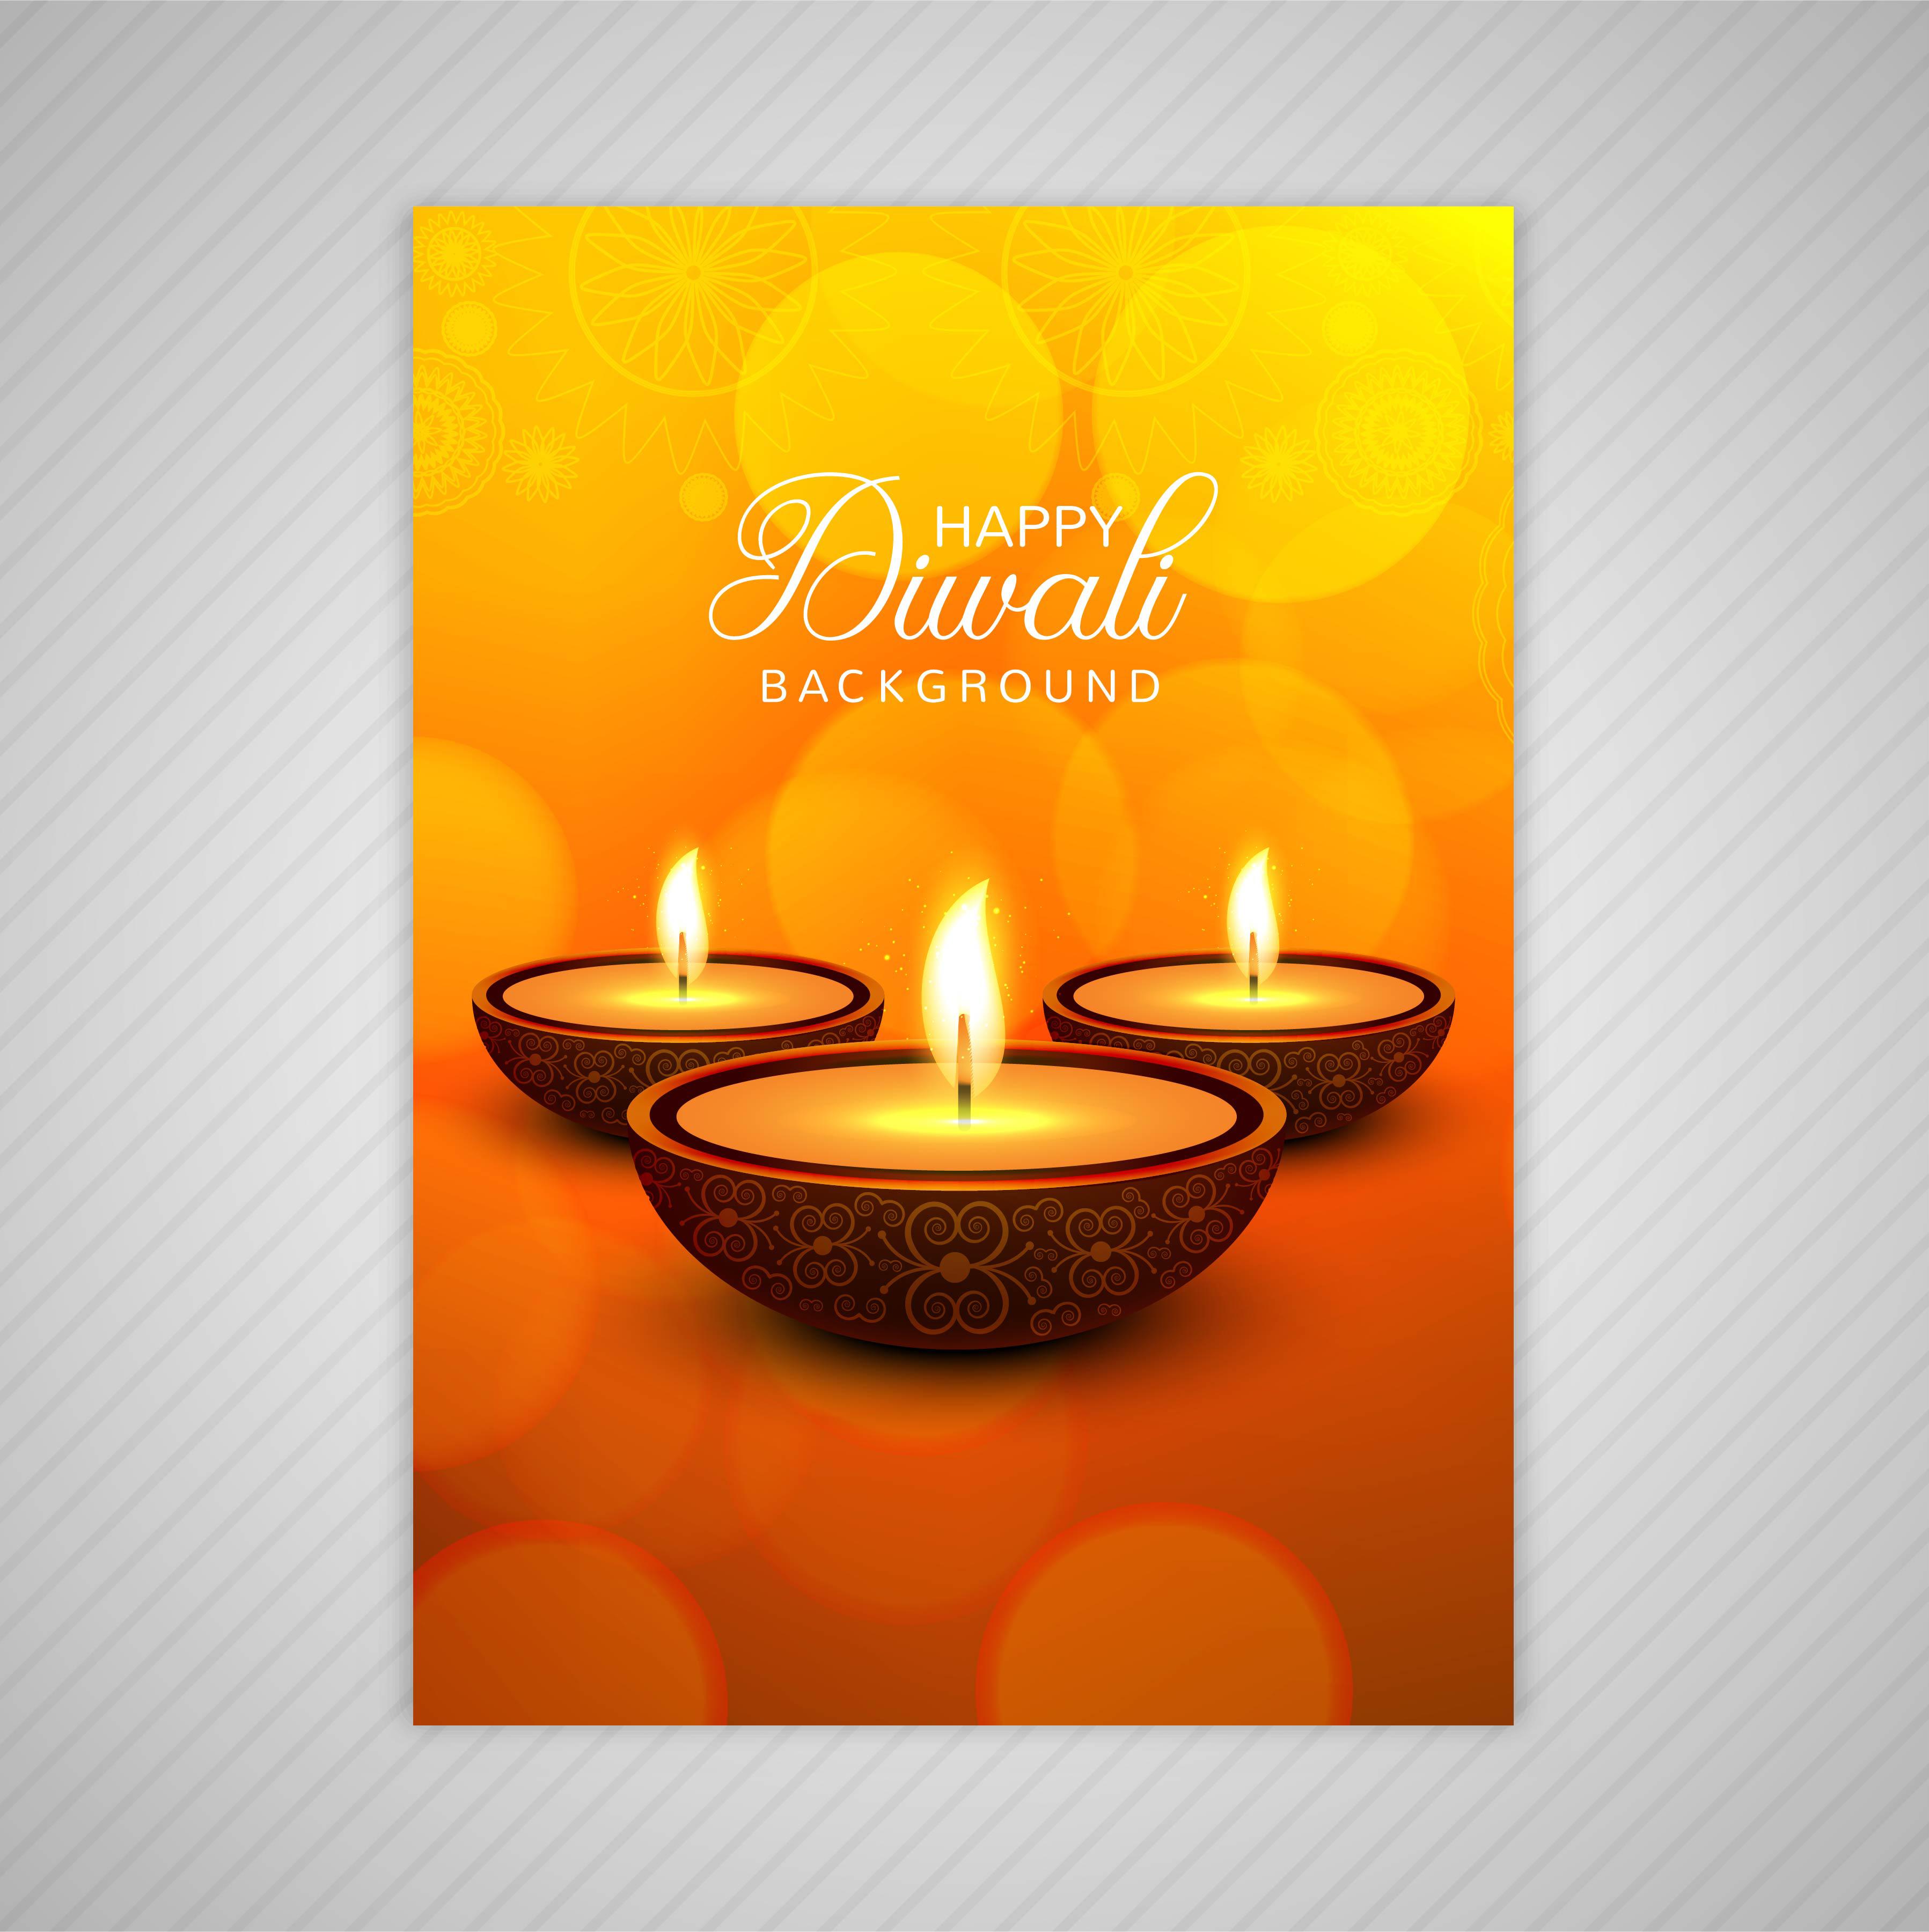 Conception De Modele De Carte De Voeux Diwali Decorative Telecharger Vectoriel Gratuit Clipart Graphique Vecteur Dessins Et Pictogramme Gratuit